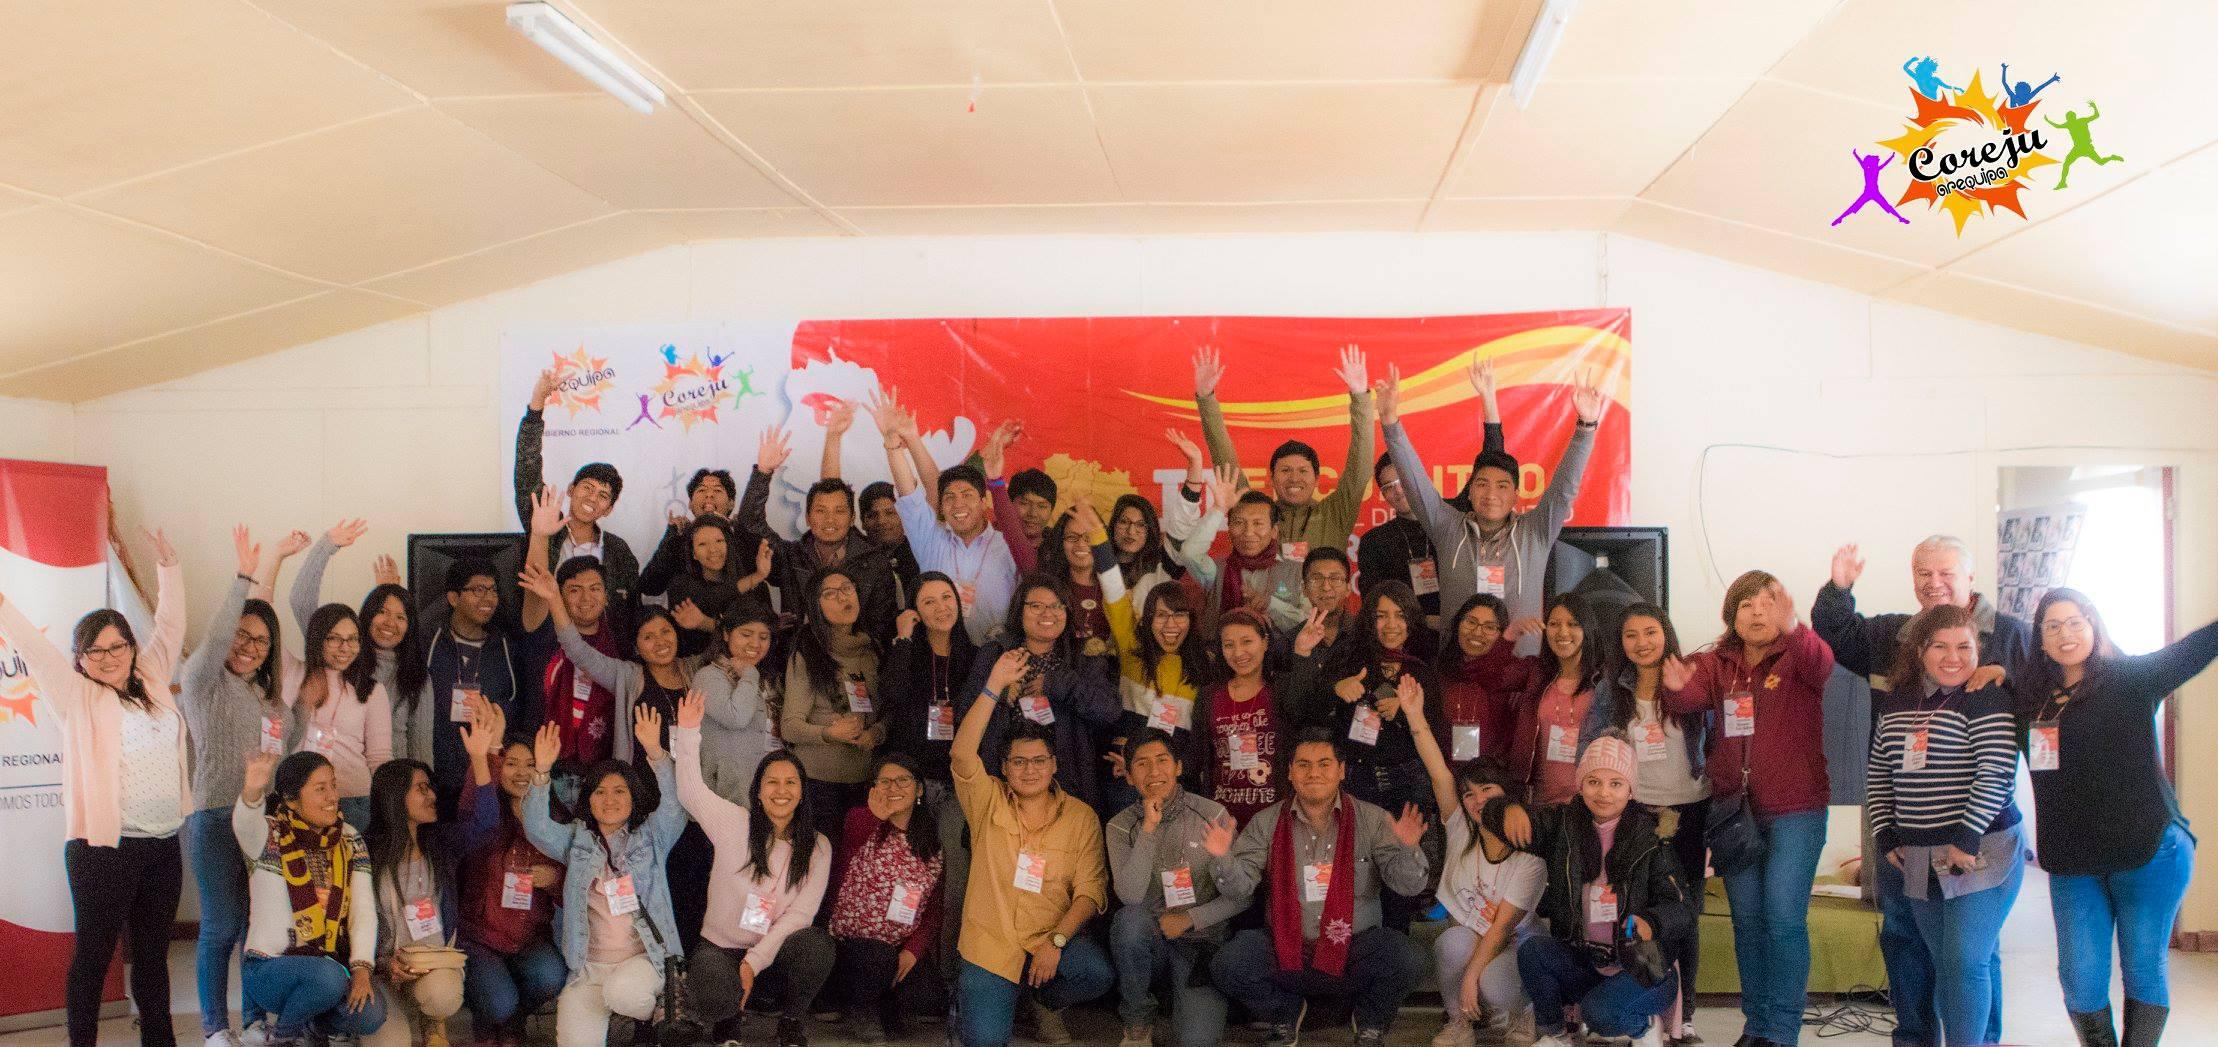 Encuentro Regional en Arequipa reúne a más de 50 jóvenes líderes de a región